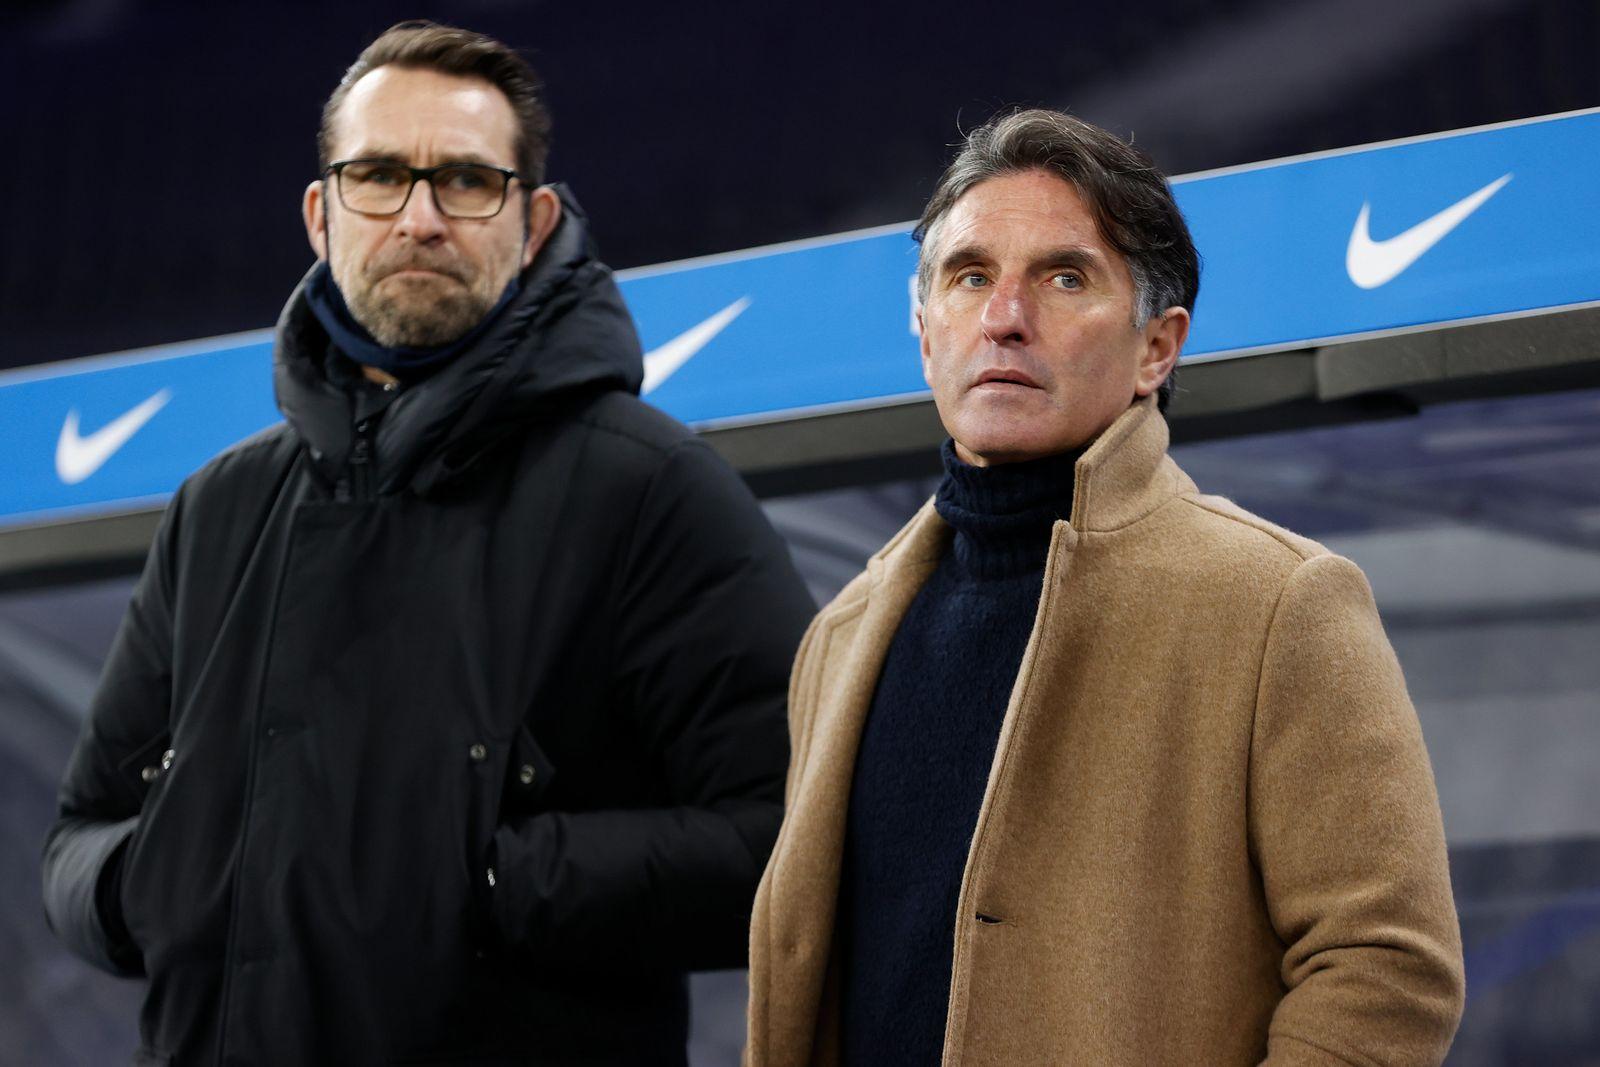 «Bild»:Auch Trennung von Manager Preetz bei Hertha beschlossen